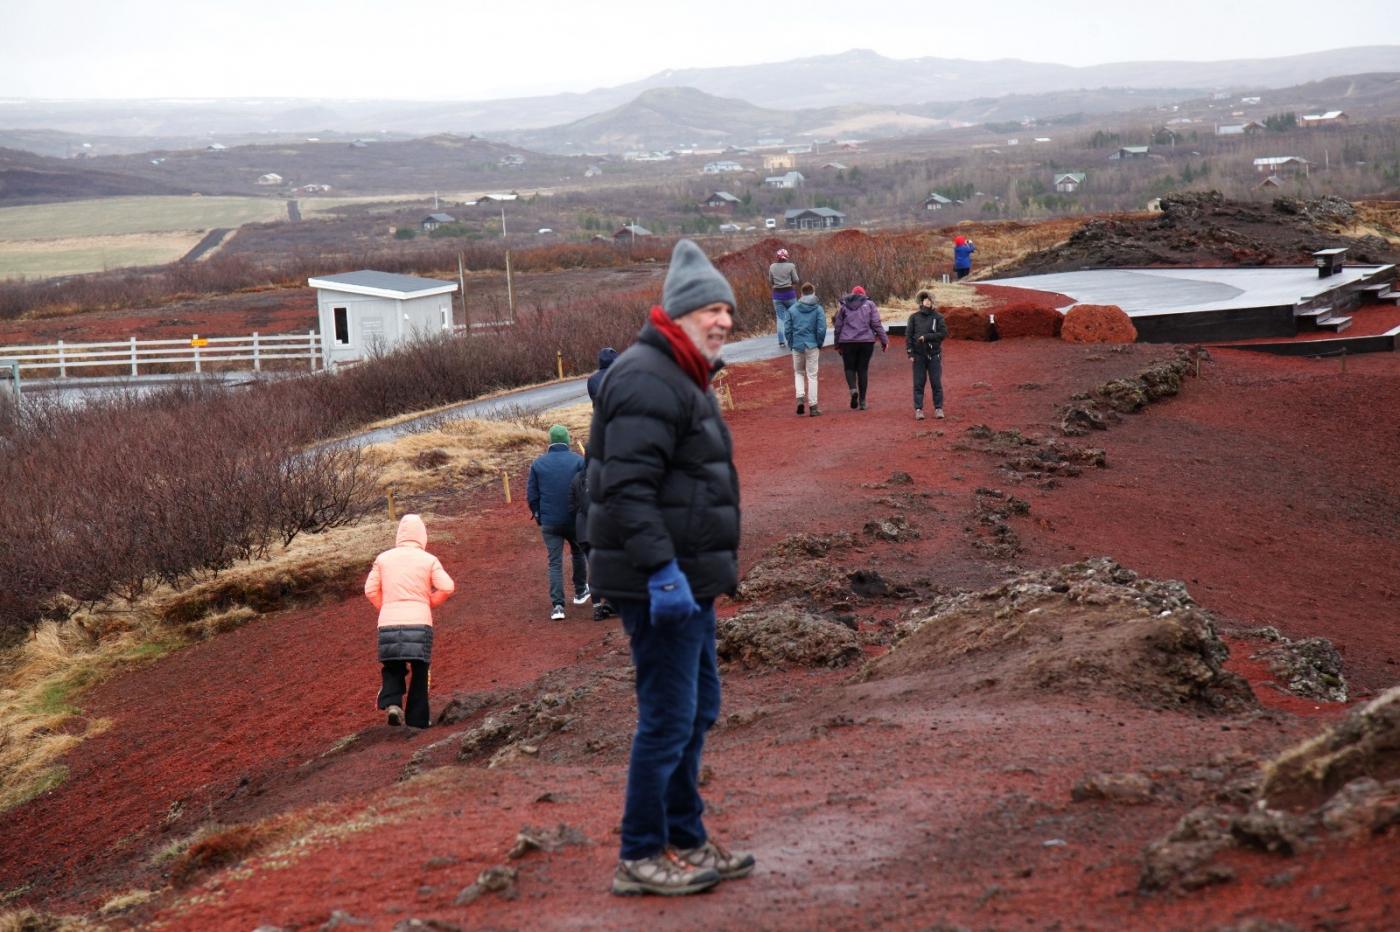 冰岛热带温泉美景,游客流连忘返_图1-7